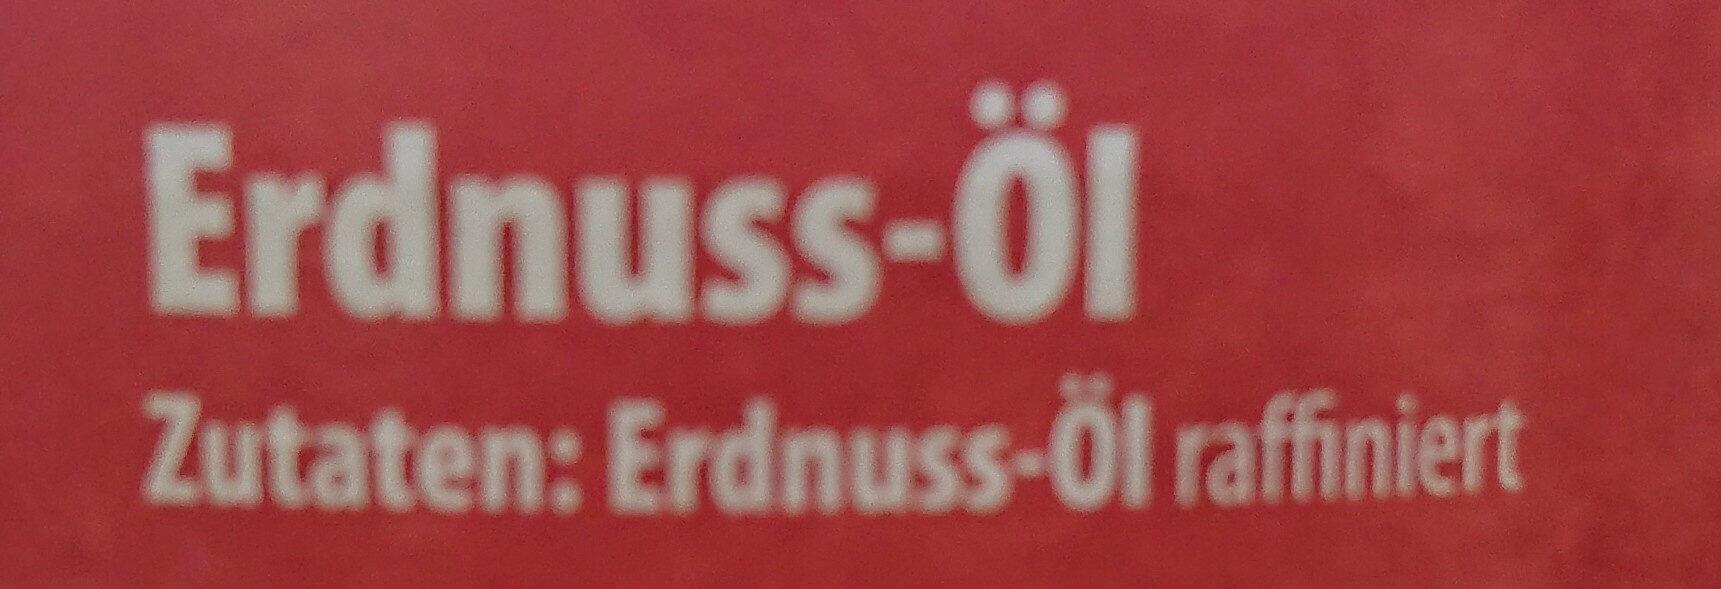 Erdnuss-Öl - Ingrédients - de